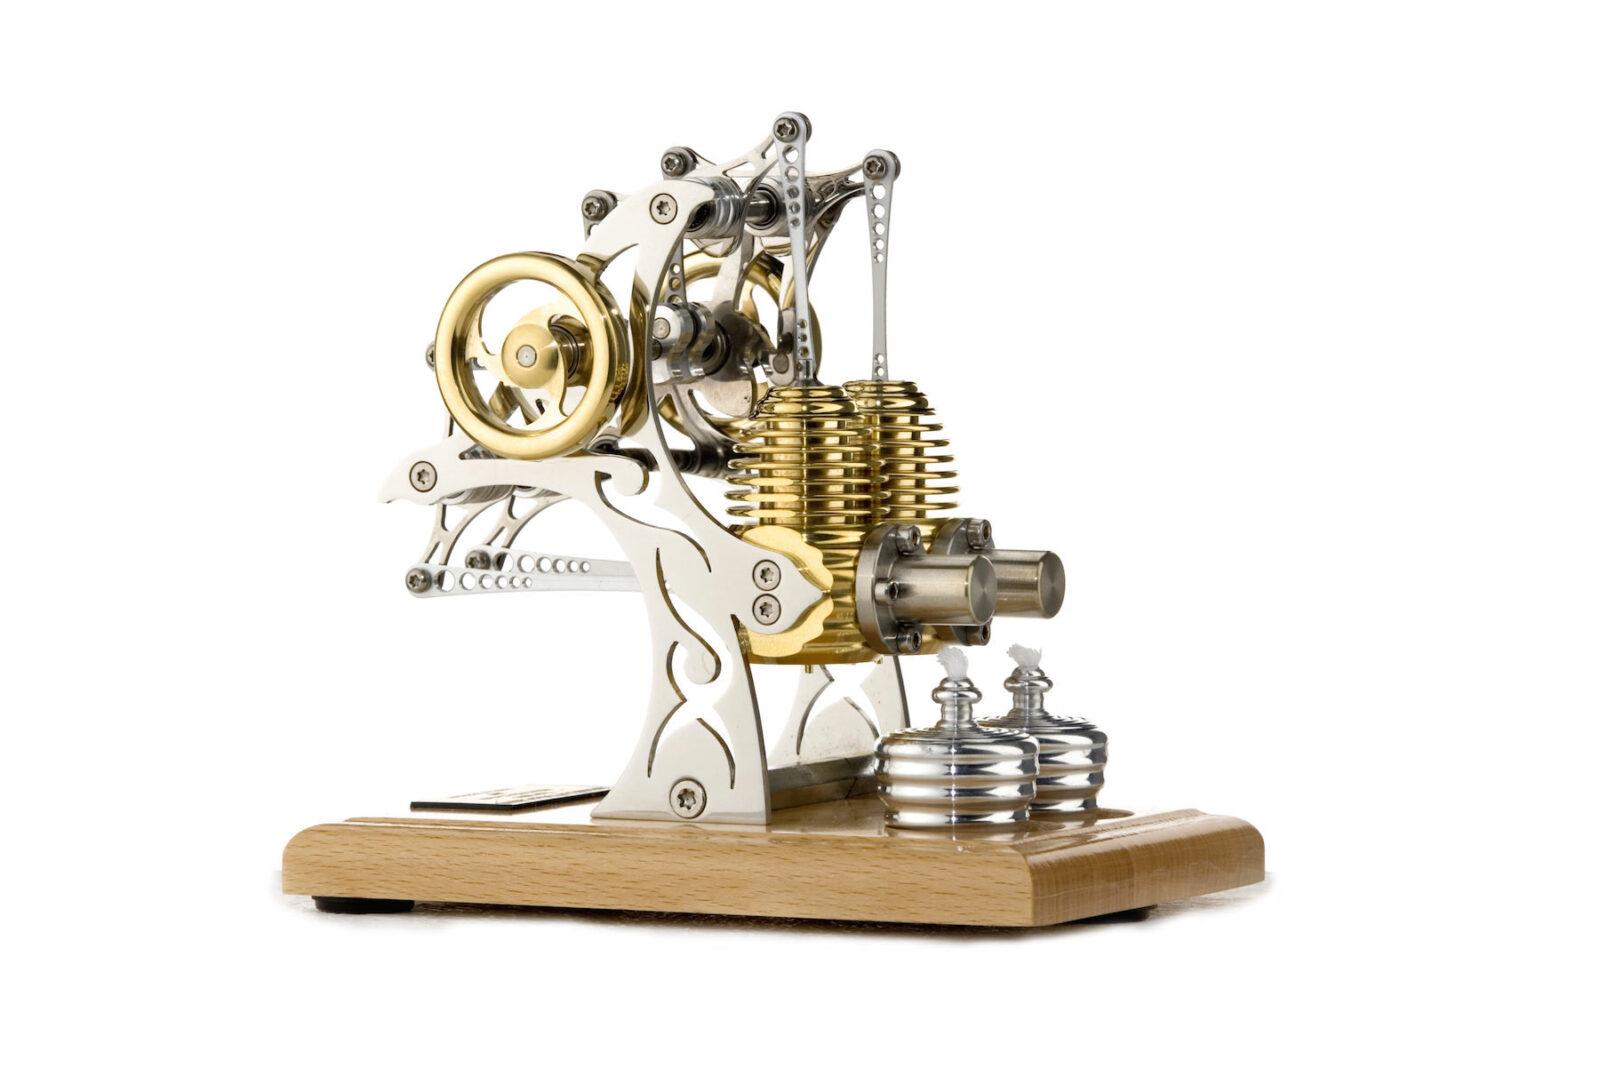 Stirling Engine 1600x1084 - Stirling Engine Kit